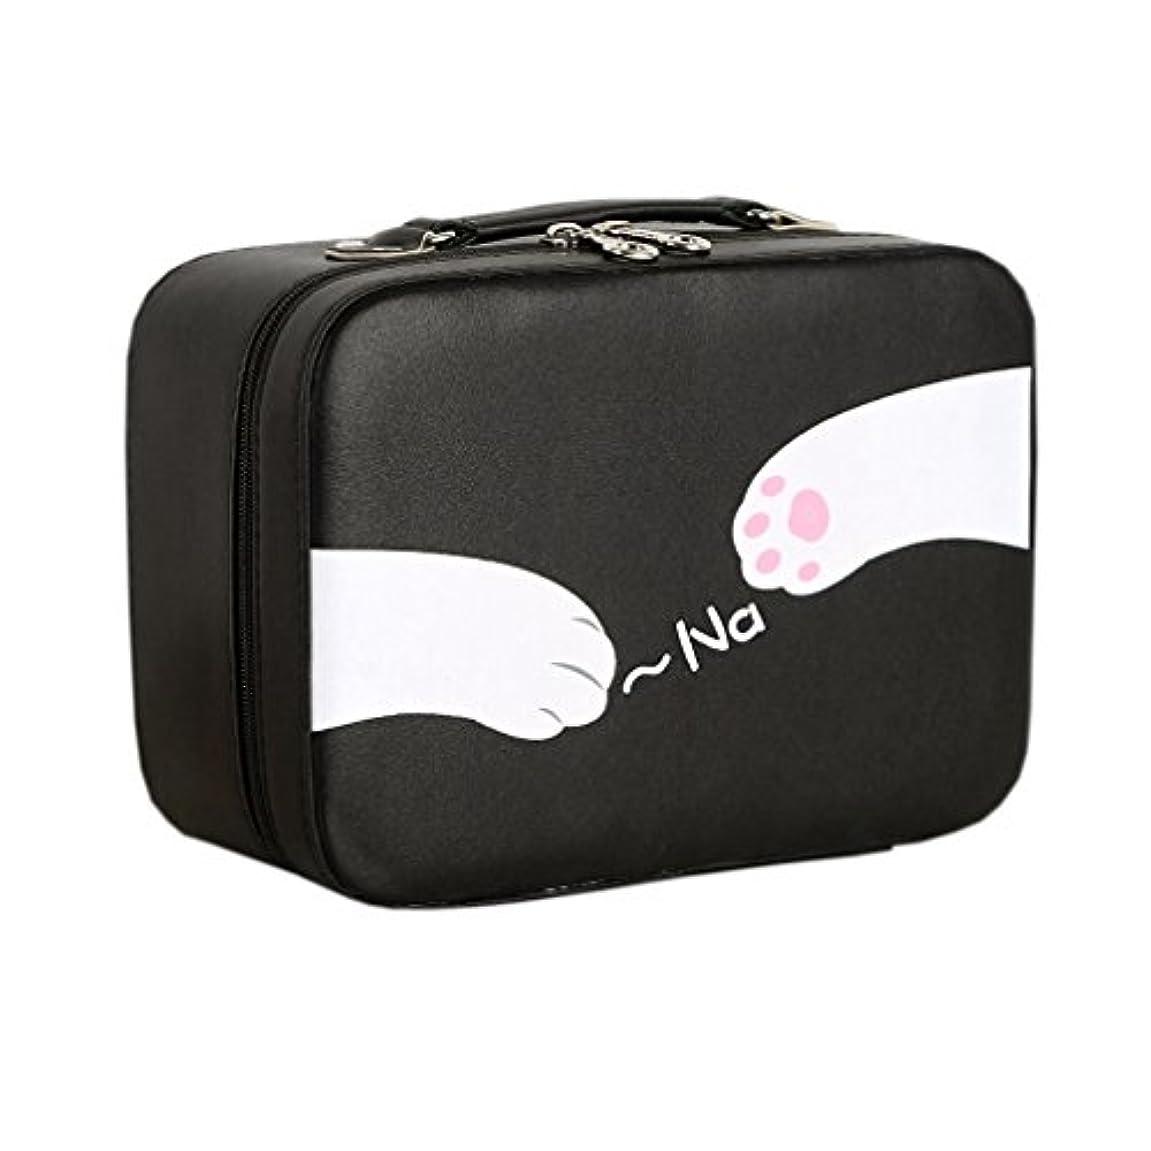 居間好むとげ店舗]化粧ポーチ 大容量 機能的 猫柄 11選択 メイクポーチ 化粧ボックス バニティーケース 仕切り 鏡付き ブラシ収納 取っ手付き ダブルジップ 撥水加工 かわいい おしゃれ 軽量 女性